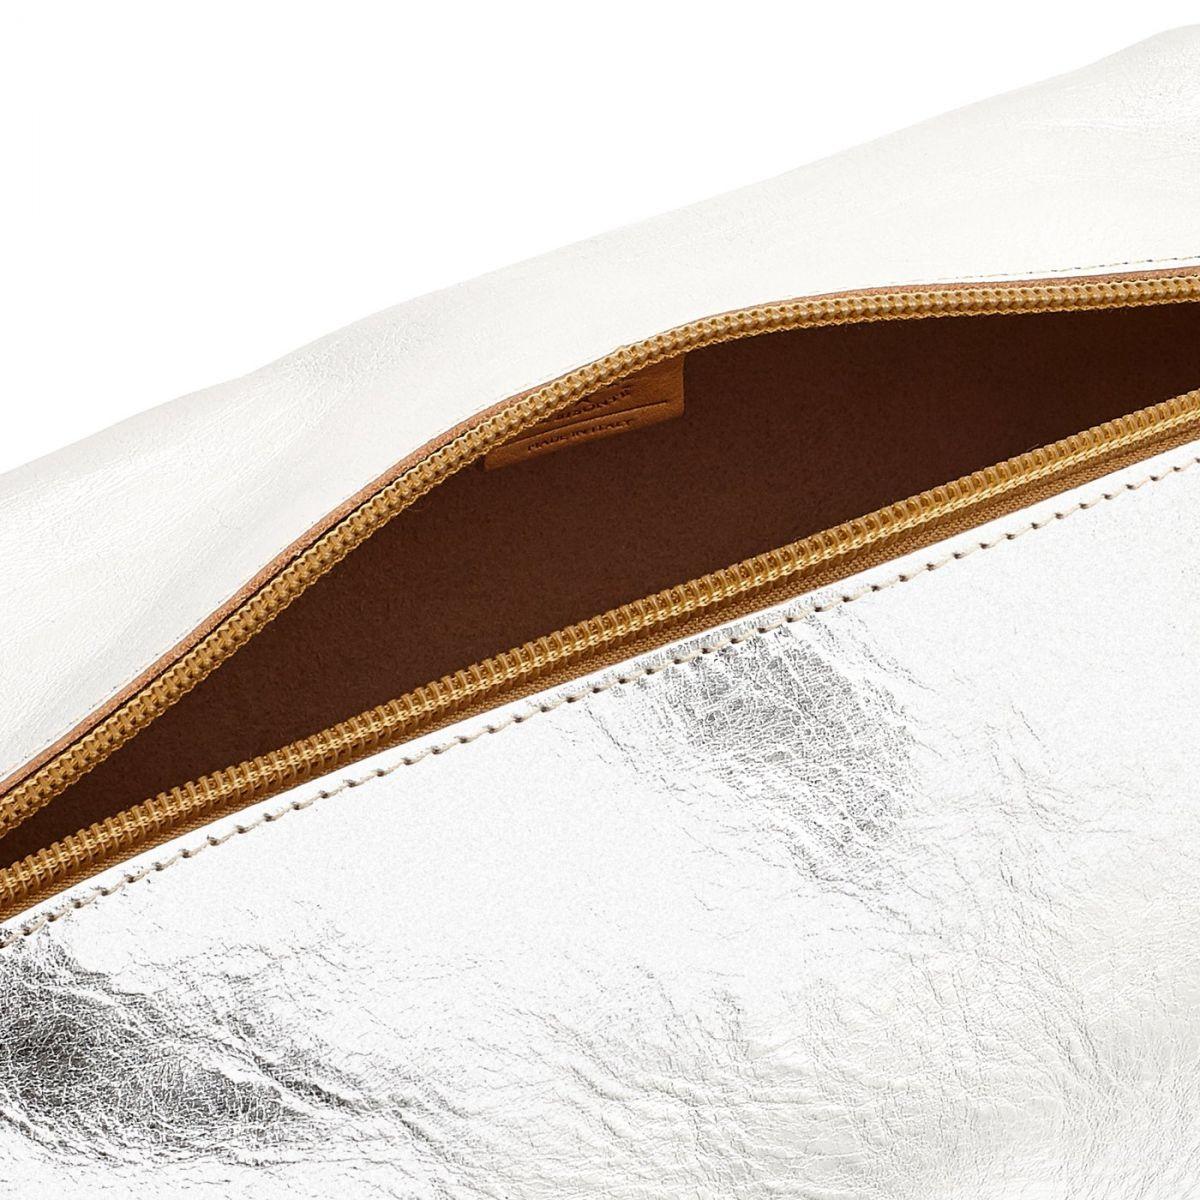 Étui pour Femme Stromboli en Cuir Métallisé SCA056 couleur Métallique Argent | Details